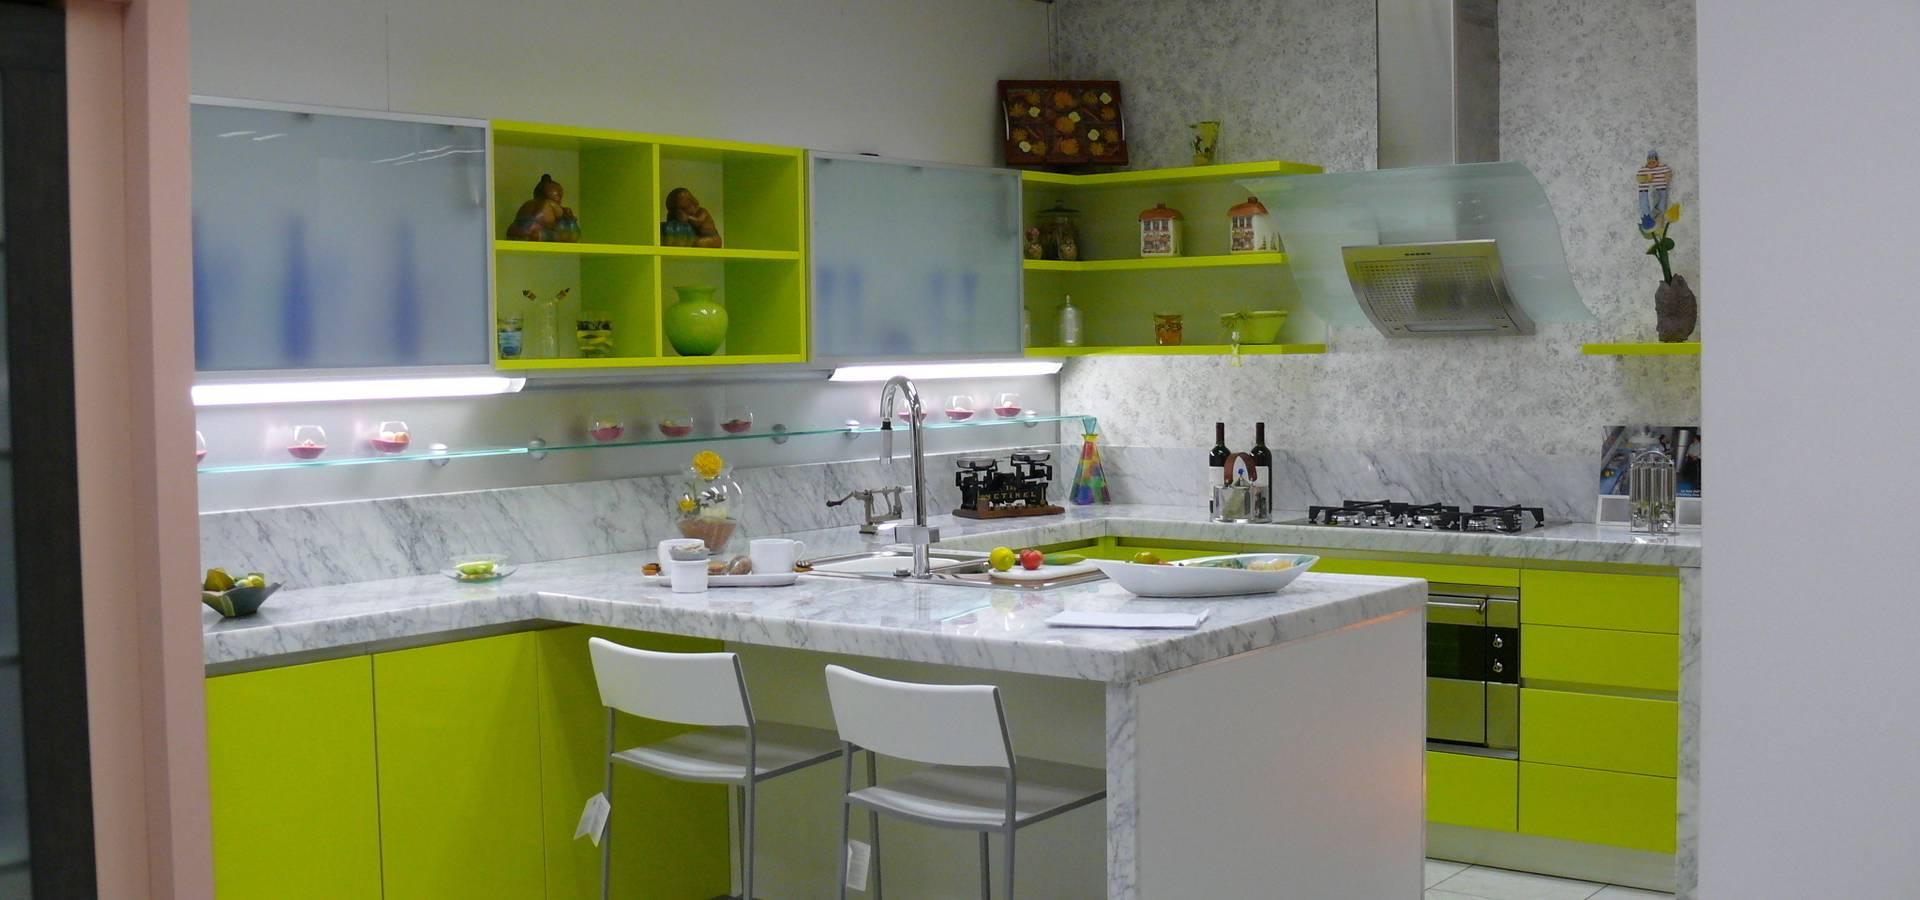 Cabina armadio von Fausti cucine arredamenti | homify